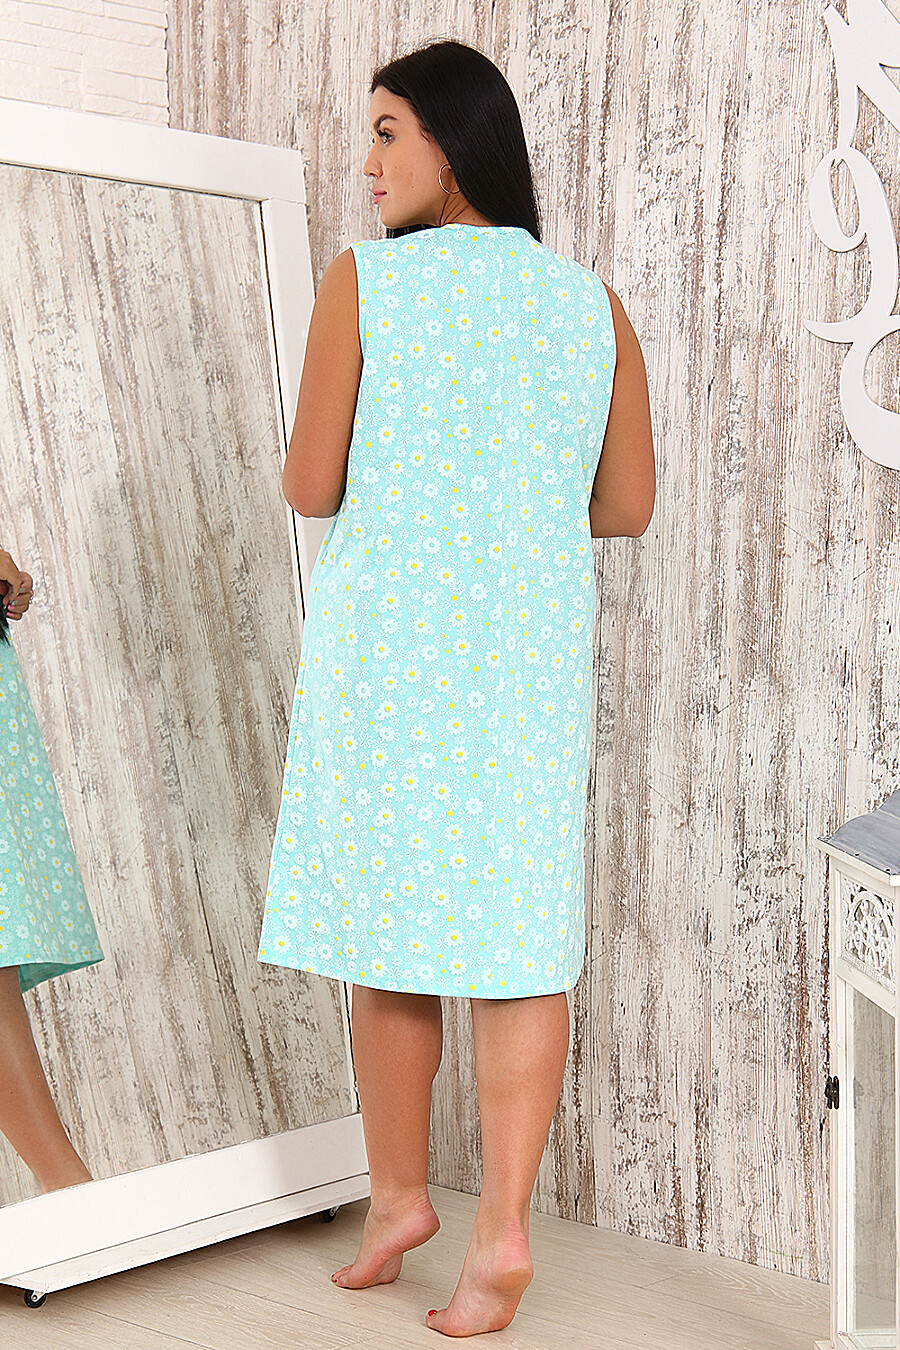 Сорочка 15126 для женщин НАТАЛИ 649335 купить оптом от производителя. Совместная покупка женской одежды в OptMoyo